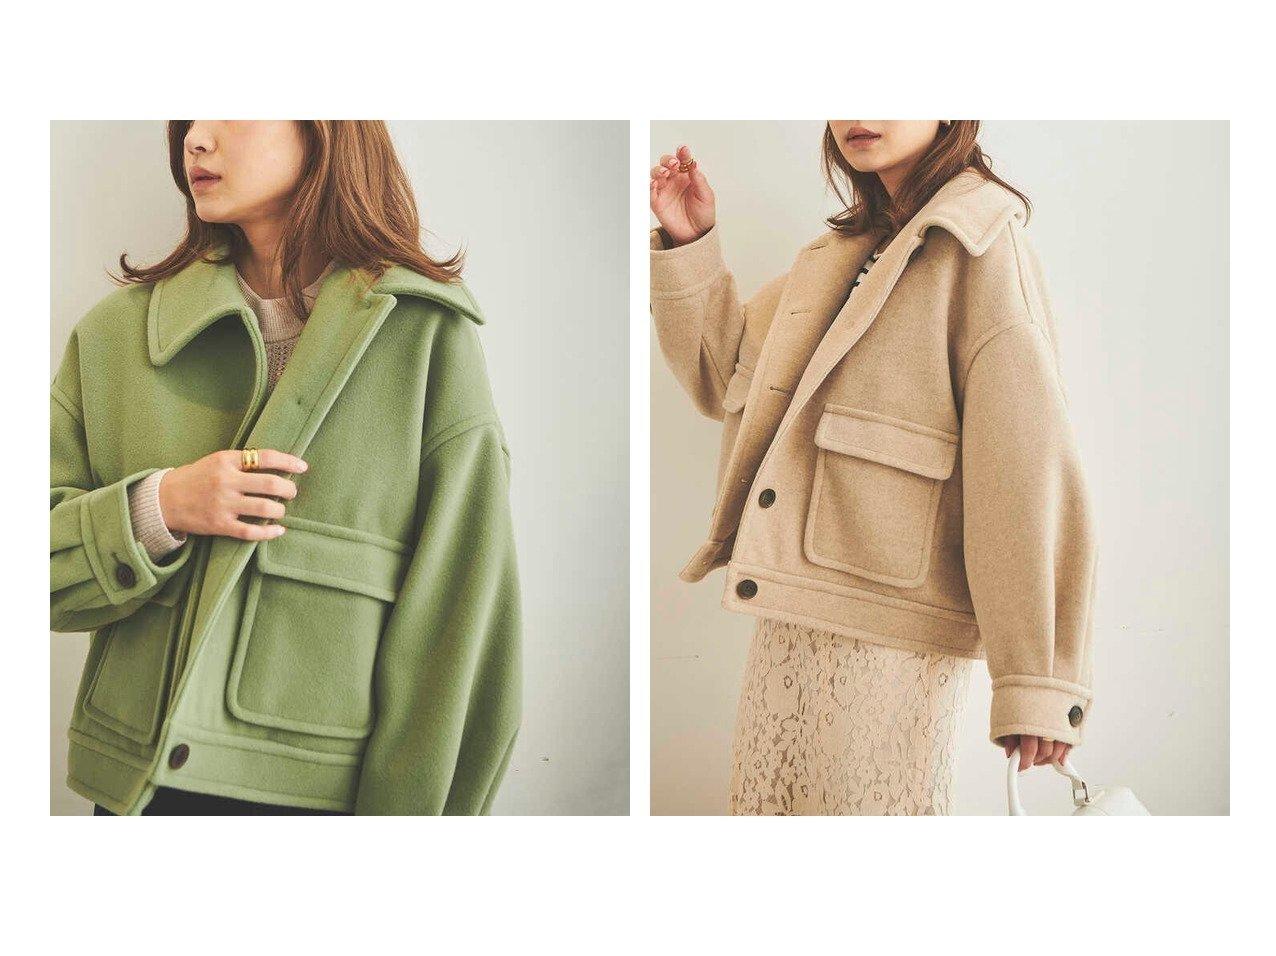 【FREE'S MART/フリーズマート】の《Sシリーズ対応商品》TRメルトンドロップルーズブルゾン おすすめ!人気、トレンド・レディースファッションの通販 おすすめで人気の流行・トレンド、ファッションの通販商品 インテリア・家具・メンズファッション・キッズファッション・レディースファッション・服の通販 founy(ファニー) https://founy.com/ ファッション Fashion レディースファッション WOMEN アウター Coat Outerwear ブルゾン Blouson/Jackets ショルダー セットアップ ドロップ フォルム ミニスカート メルトン 切替 |ID:crp329100000061207